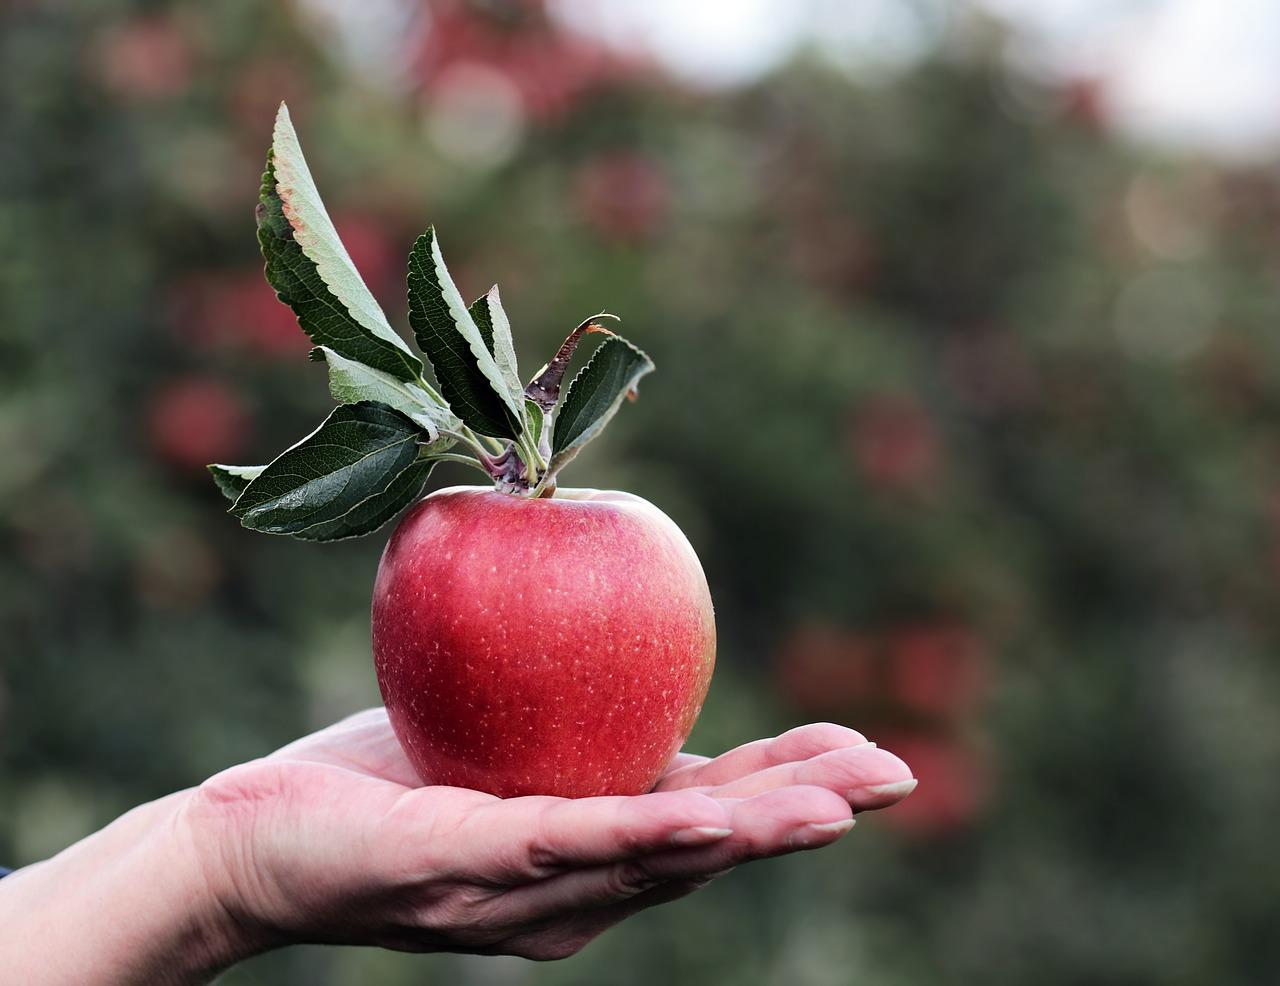 Czerwone jabłko na dłoni